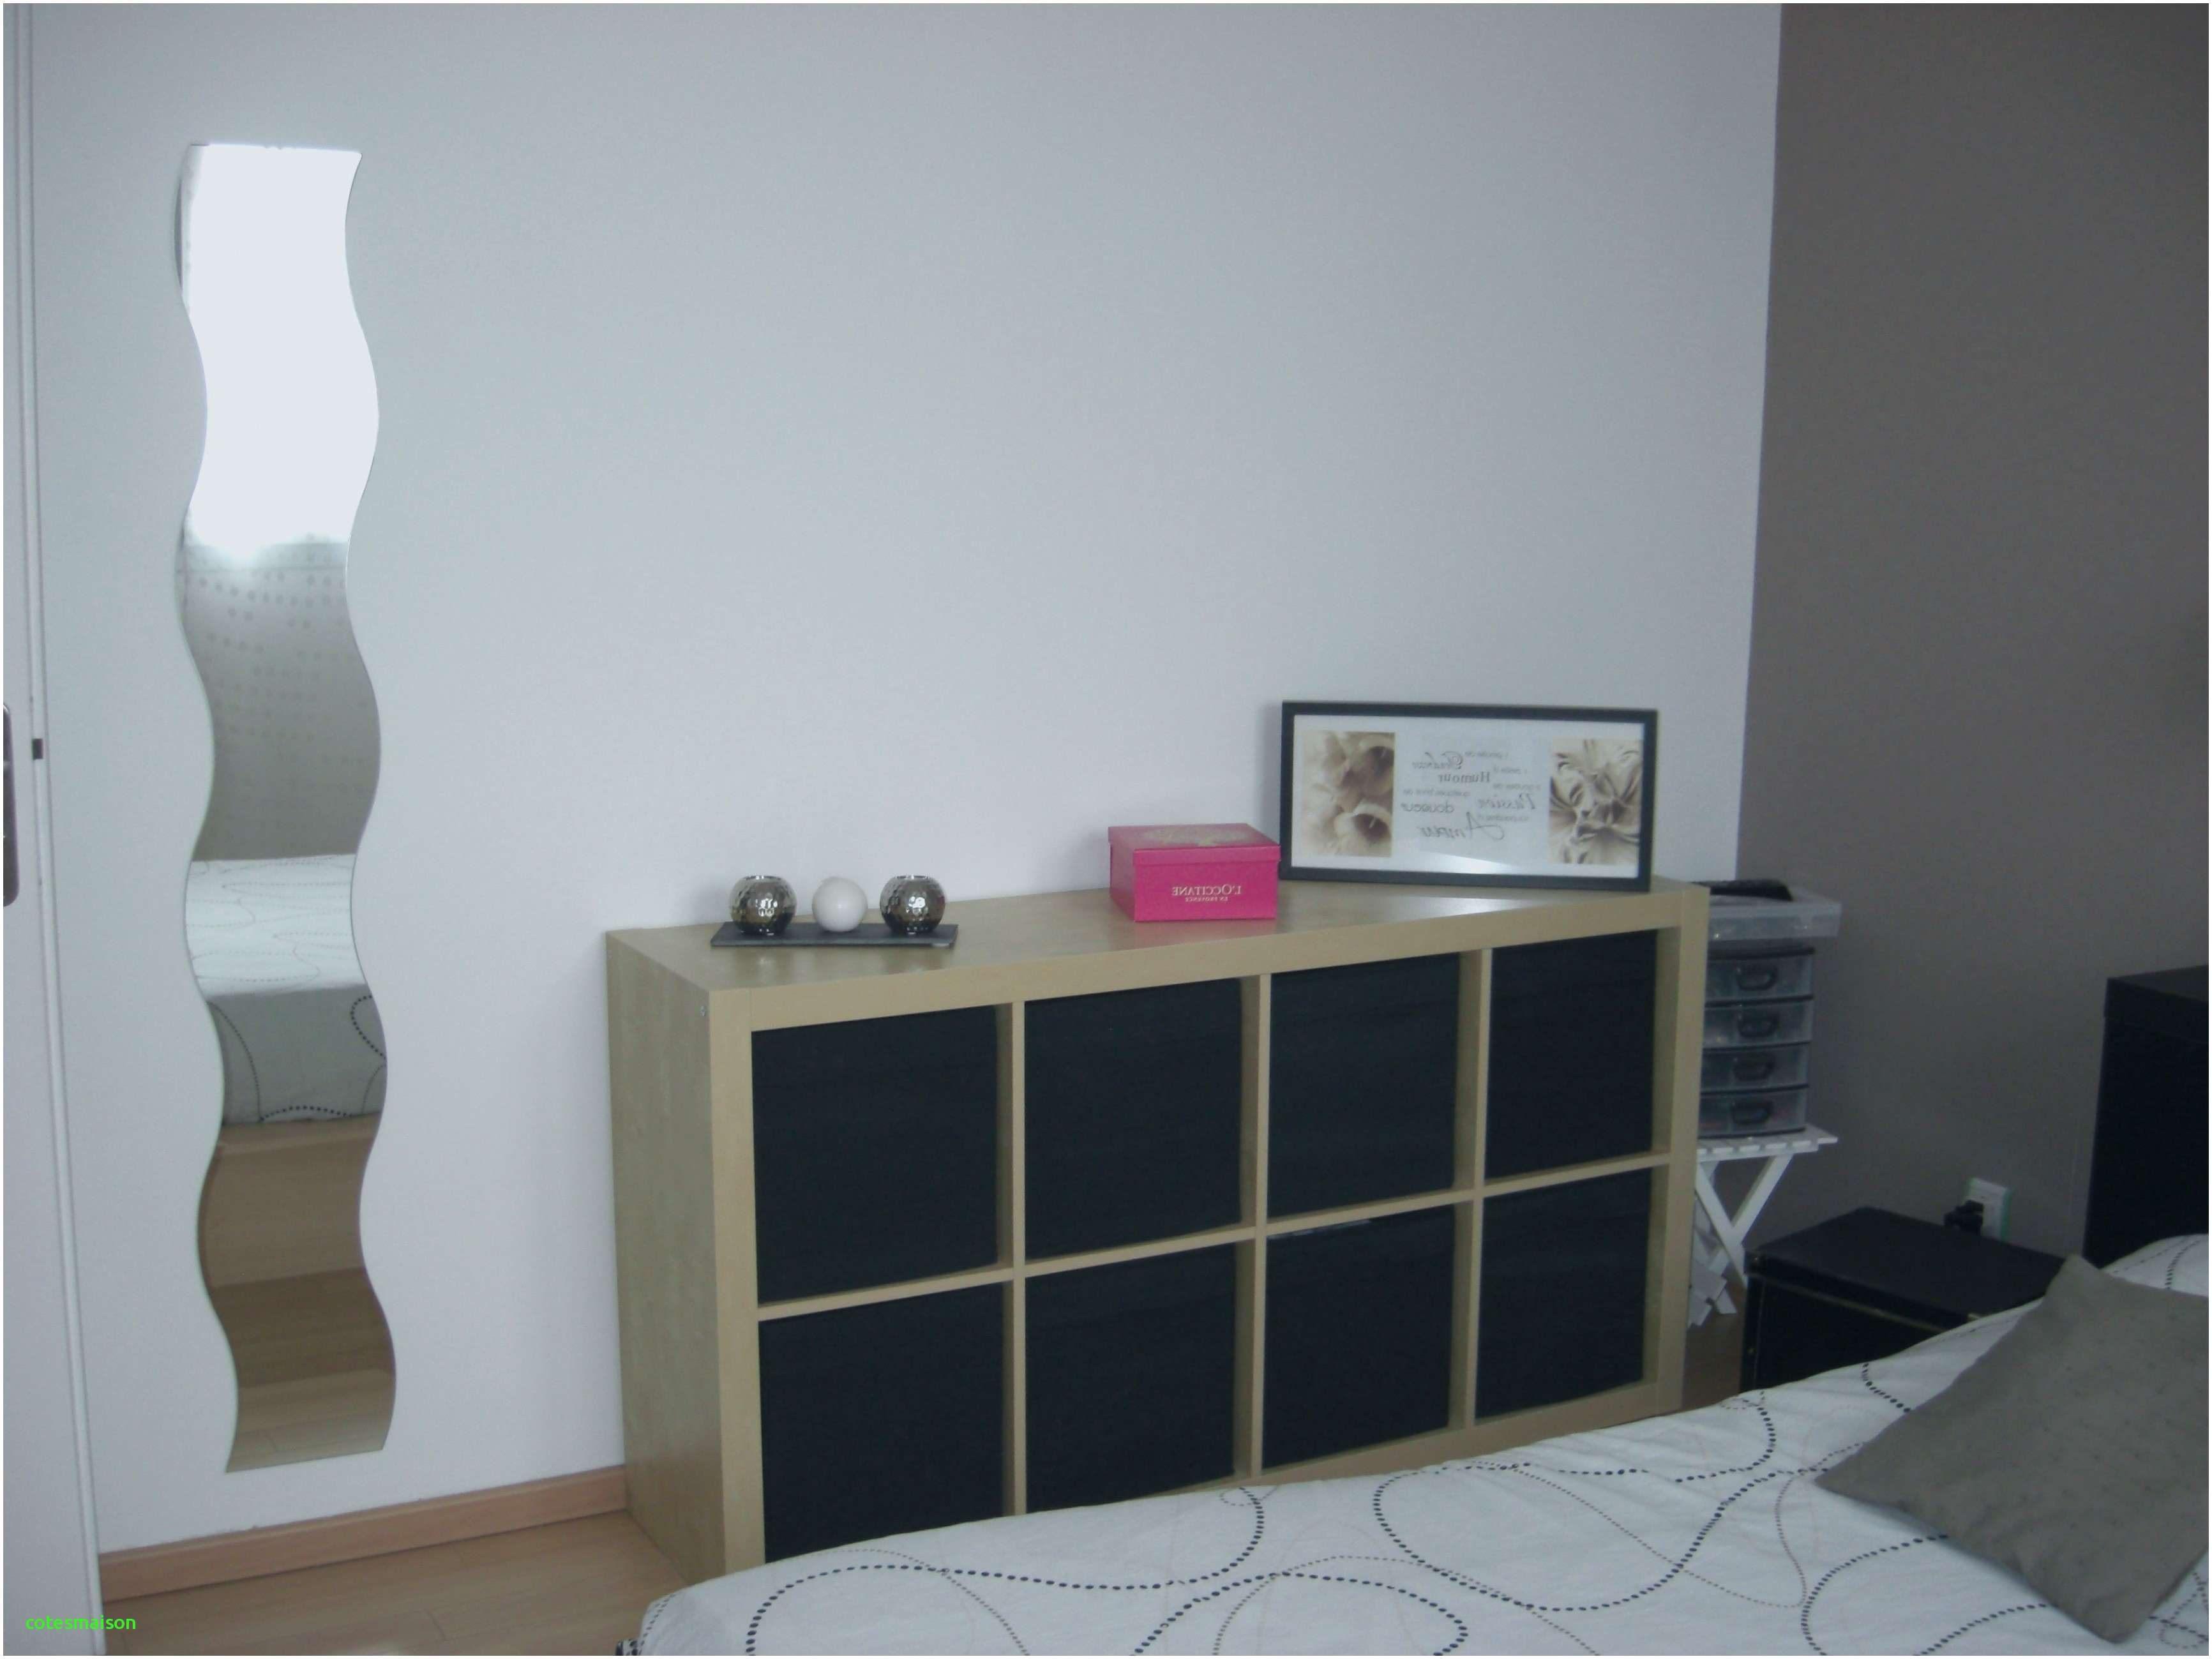 Tete De Lit Tringle Inspiré Elégant 22 Inspiration Rideau Pour Cabane De Lit Home Design